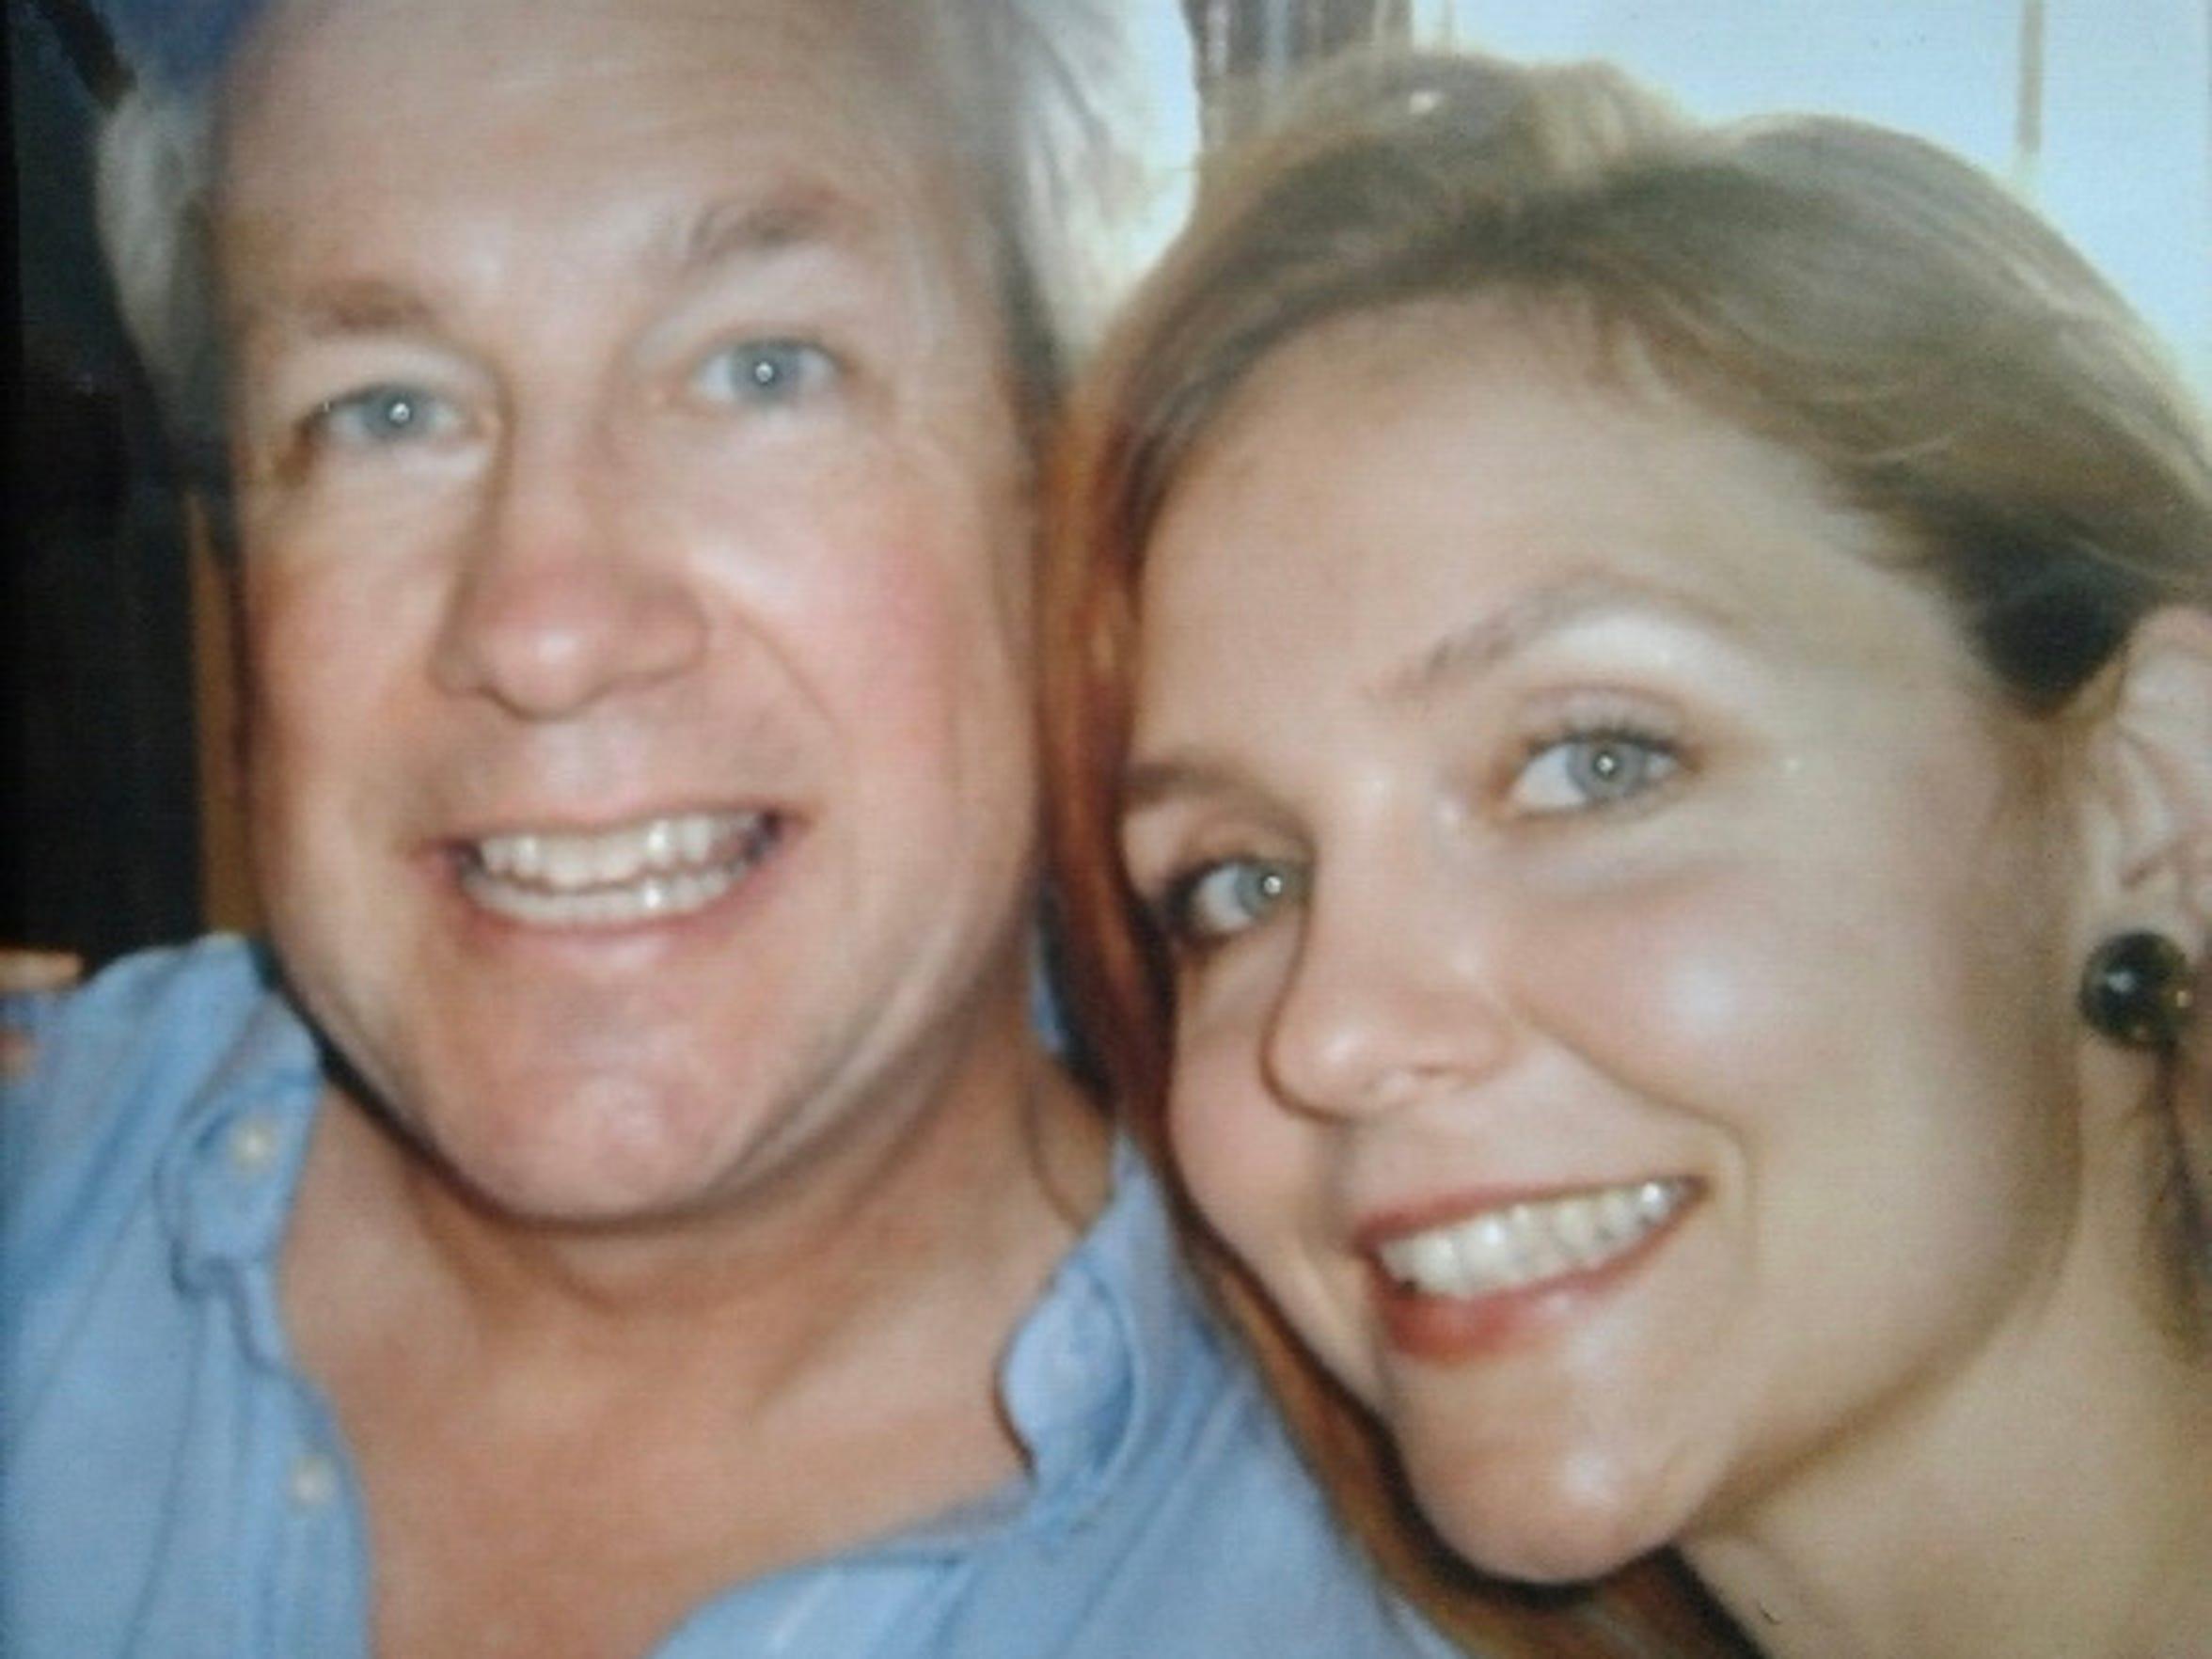 John Schellpfeffer and Jessica Strom.